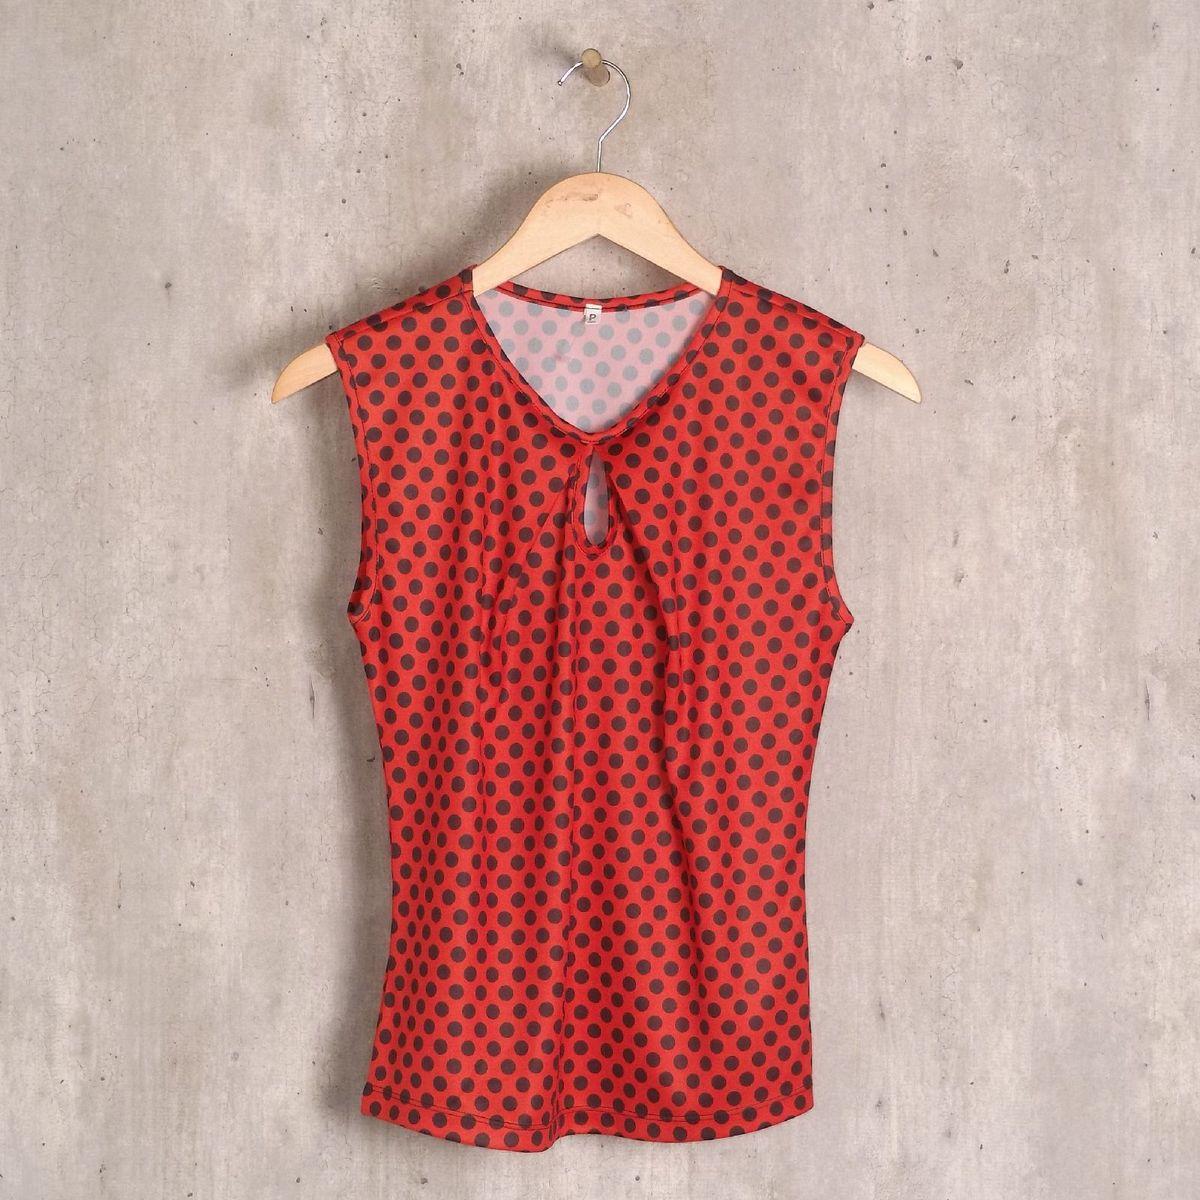 blusa vermelha soltinha póa - blusas sem marca